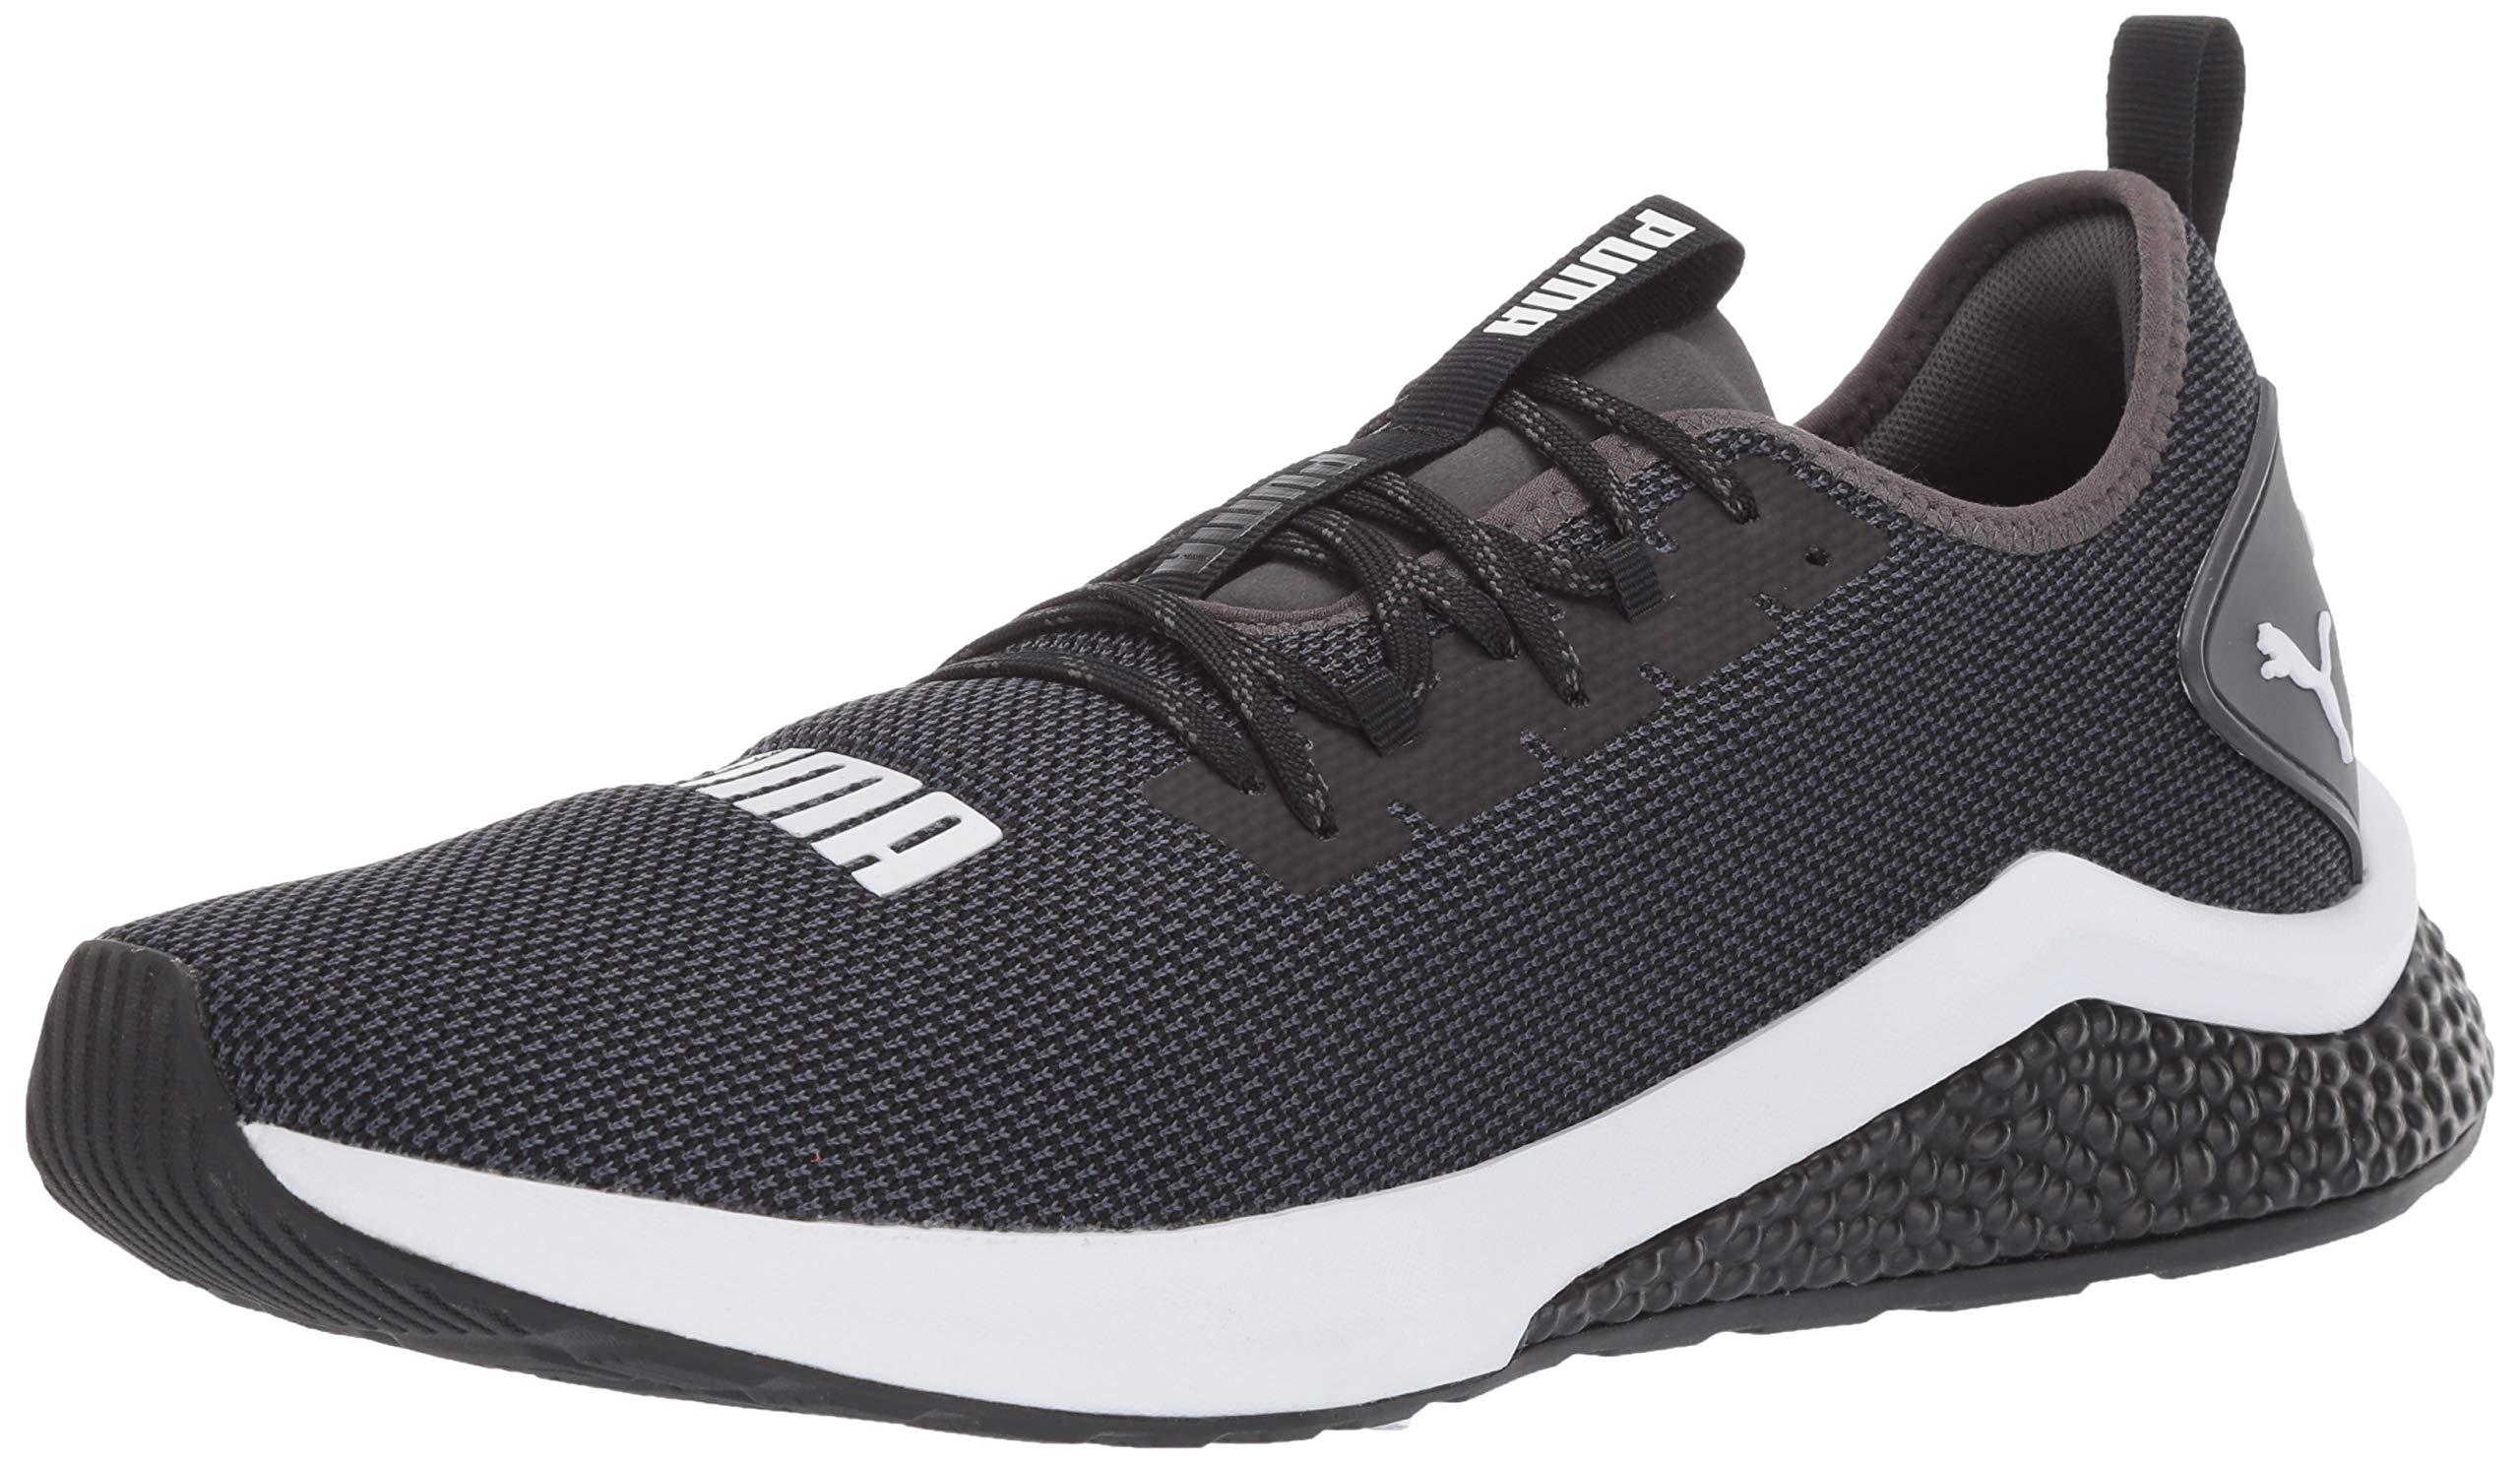 PUMA Para Hombre Hybrid NX zapatilla de deporte Negro blancoo, 7 M US-elegir talla Color